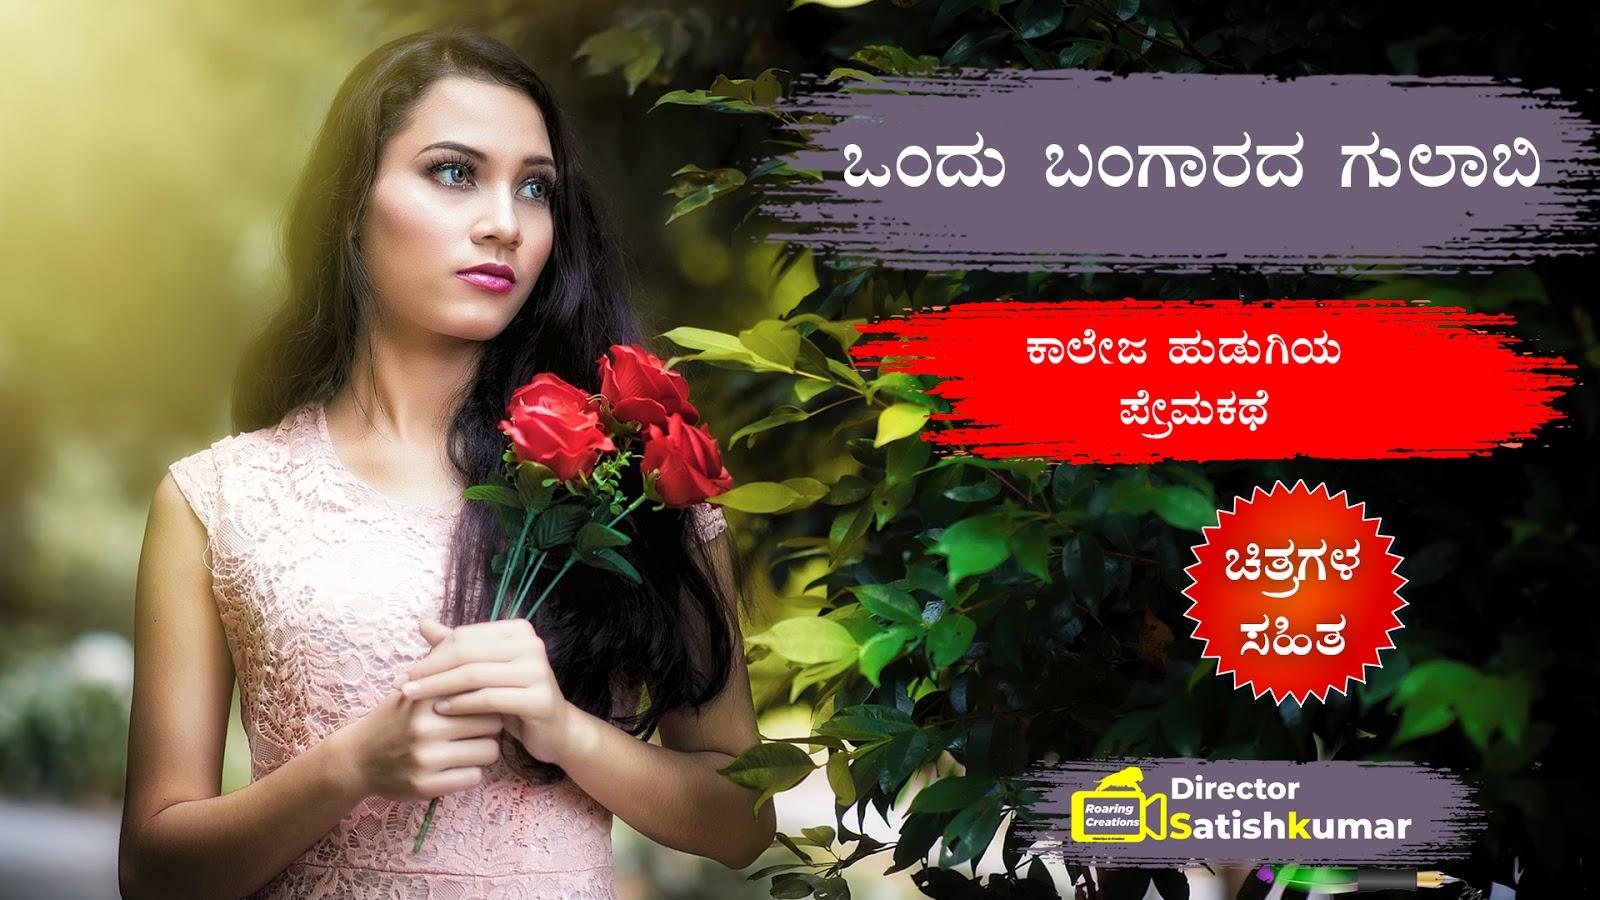 ಒಂದು ಬಂಗಾರದ ಗುಲಾಬಿ : ಕಾಲೇಜ ಹುಡುಗಿಯ ಪ್ರೇಮಕಥೆ  Beautiful Love Story of a College girl